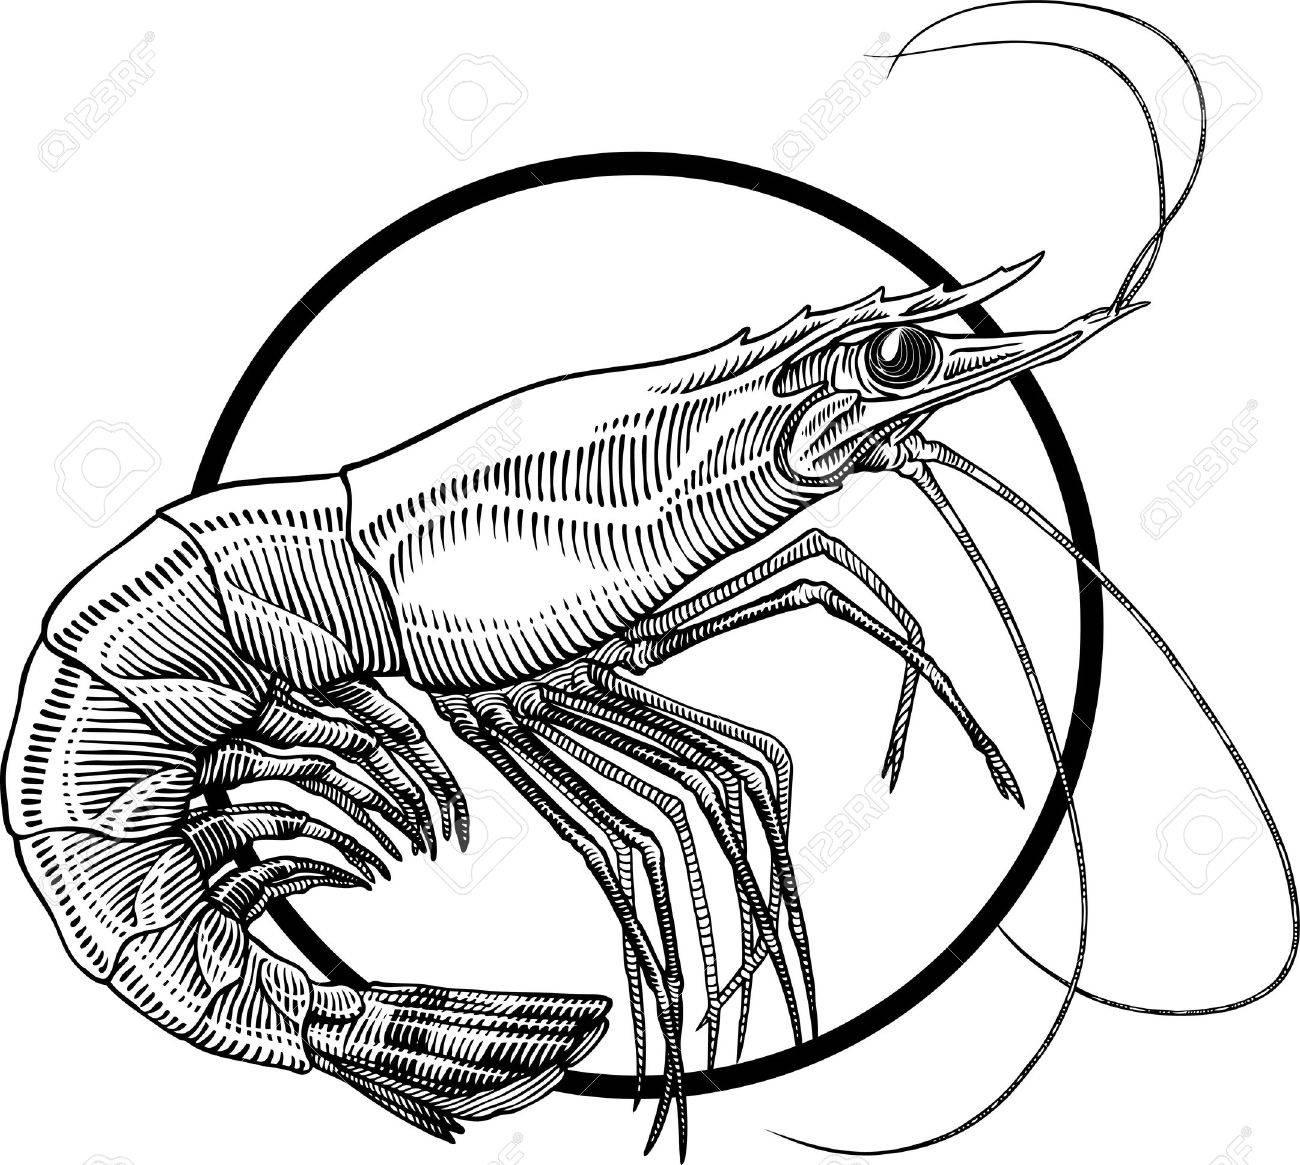 黒と白海老のイラストを彫刻します サークル フレームを簡単に削除できます のイラスト素材 ベクタ Image